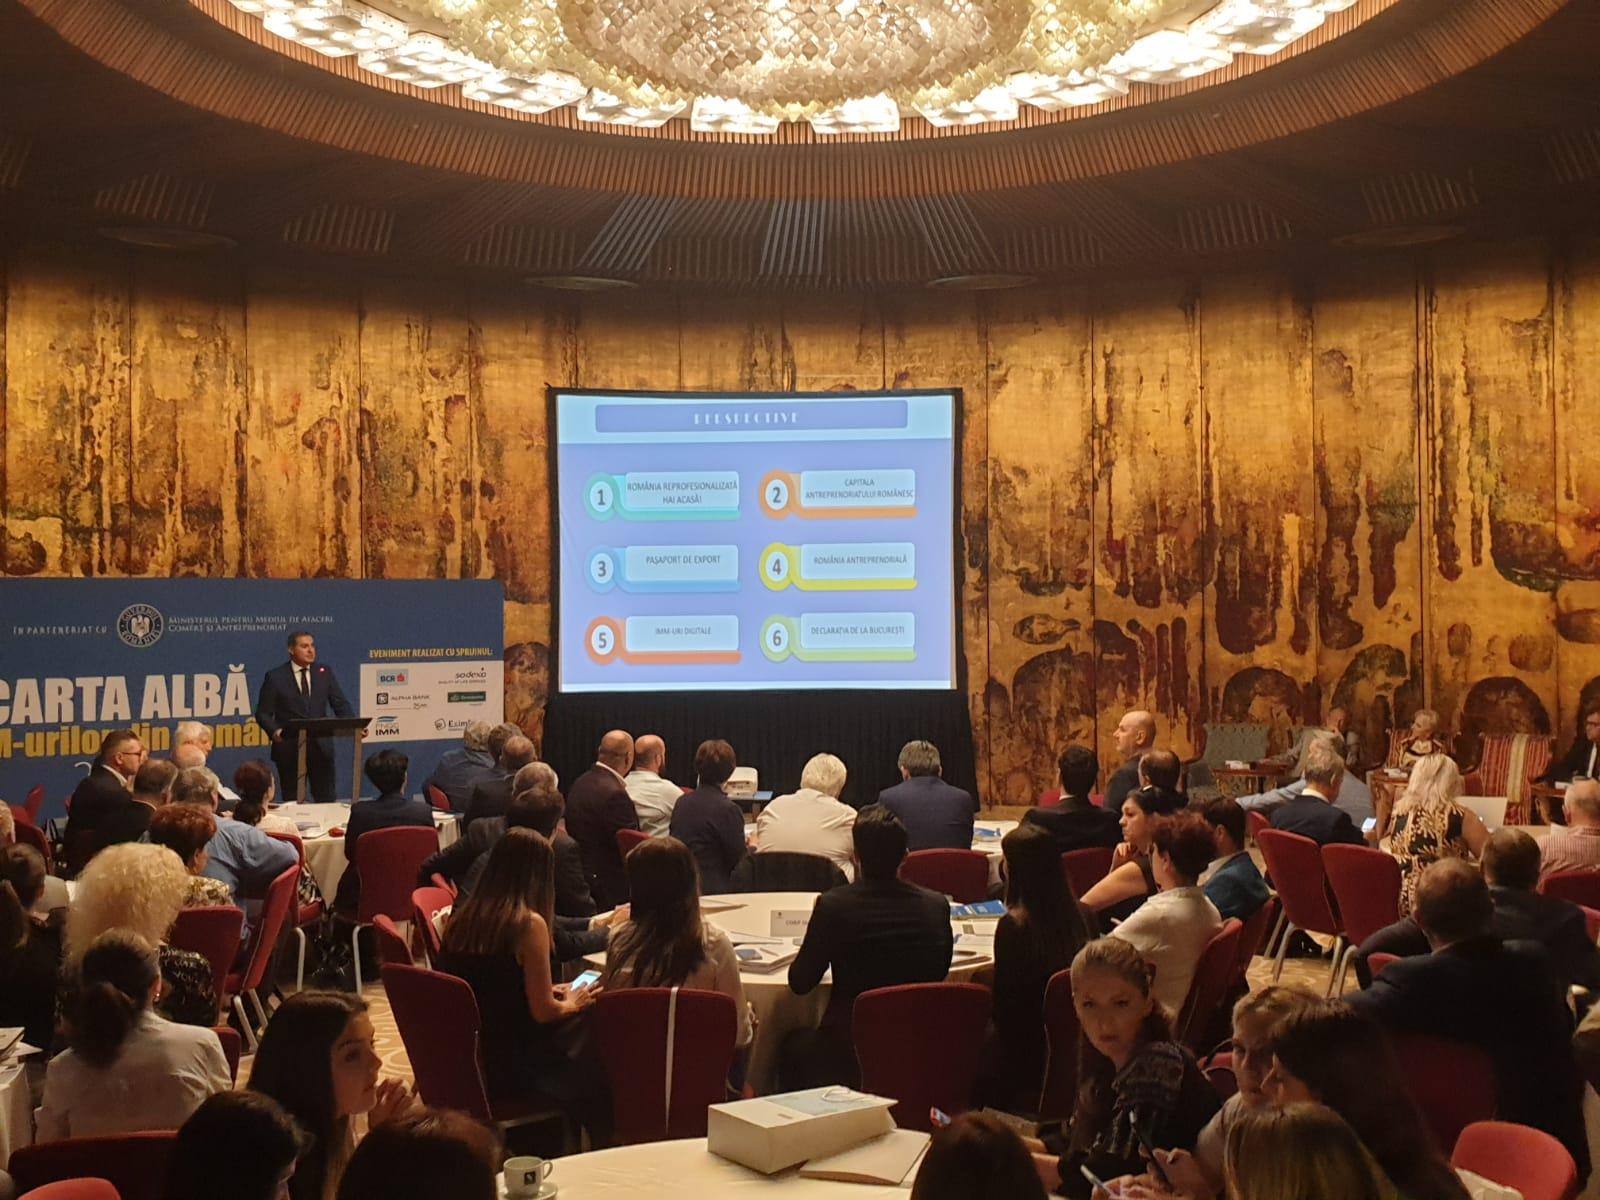 """A fost lansată cea de-a XVII-a ediţie a """"Cartei Albe a IMM-urilor din România"""", lucrare realizată de CNIPMMR în parteneriat cu Ministerul pentru Mediul de Afaceri, Comerţ şi Antreprenoriat"""